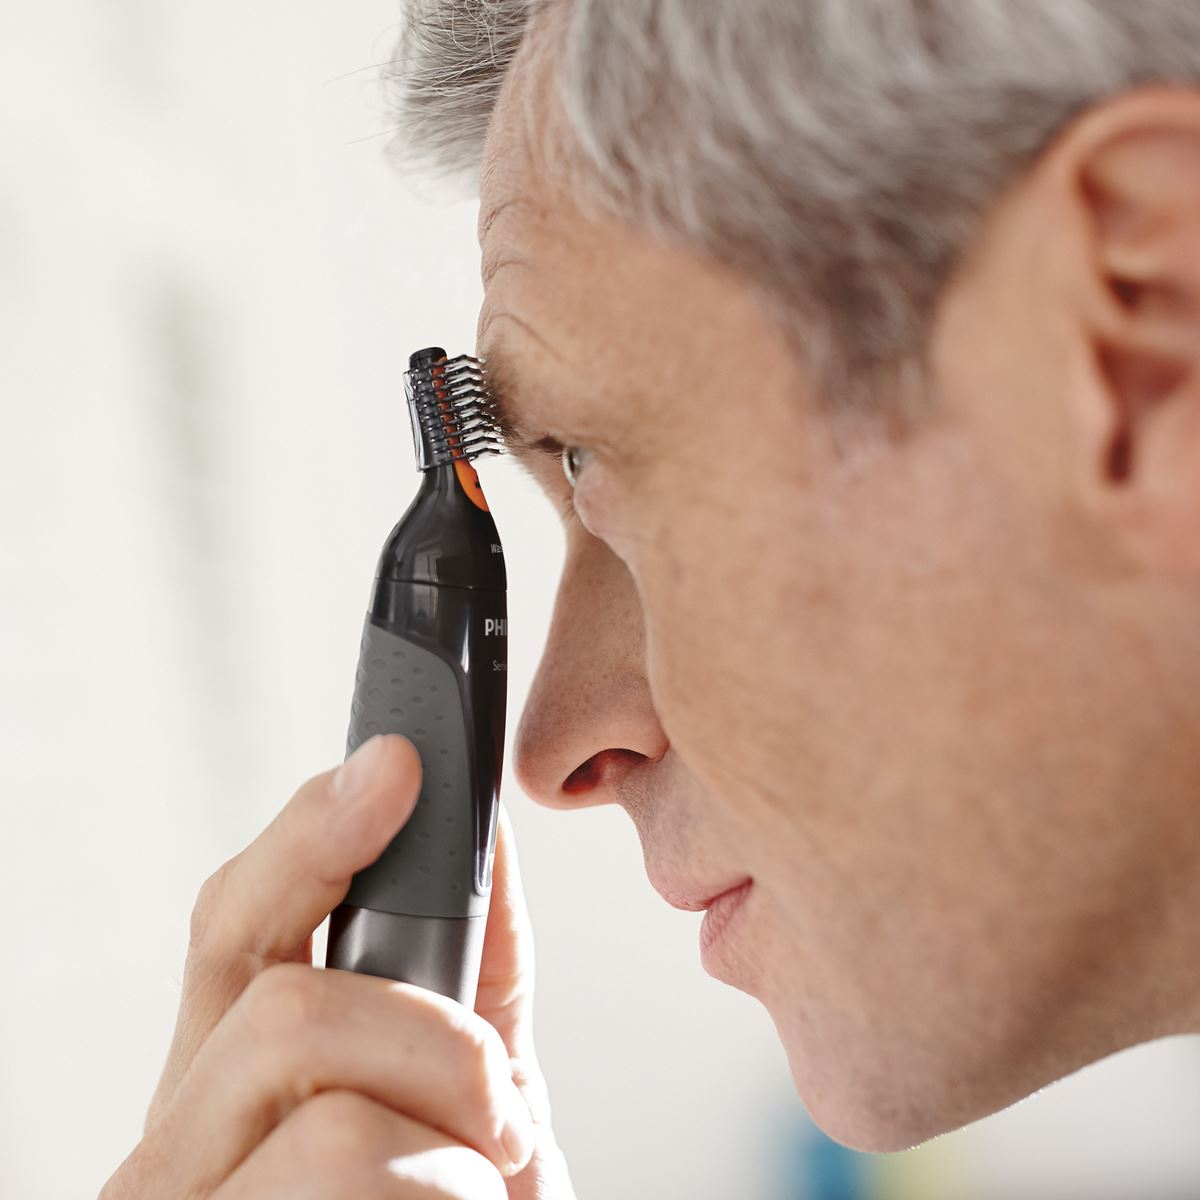 Recortador Philips para nariz, orejas y cejas NT3160